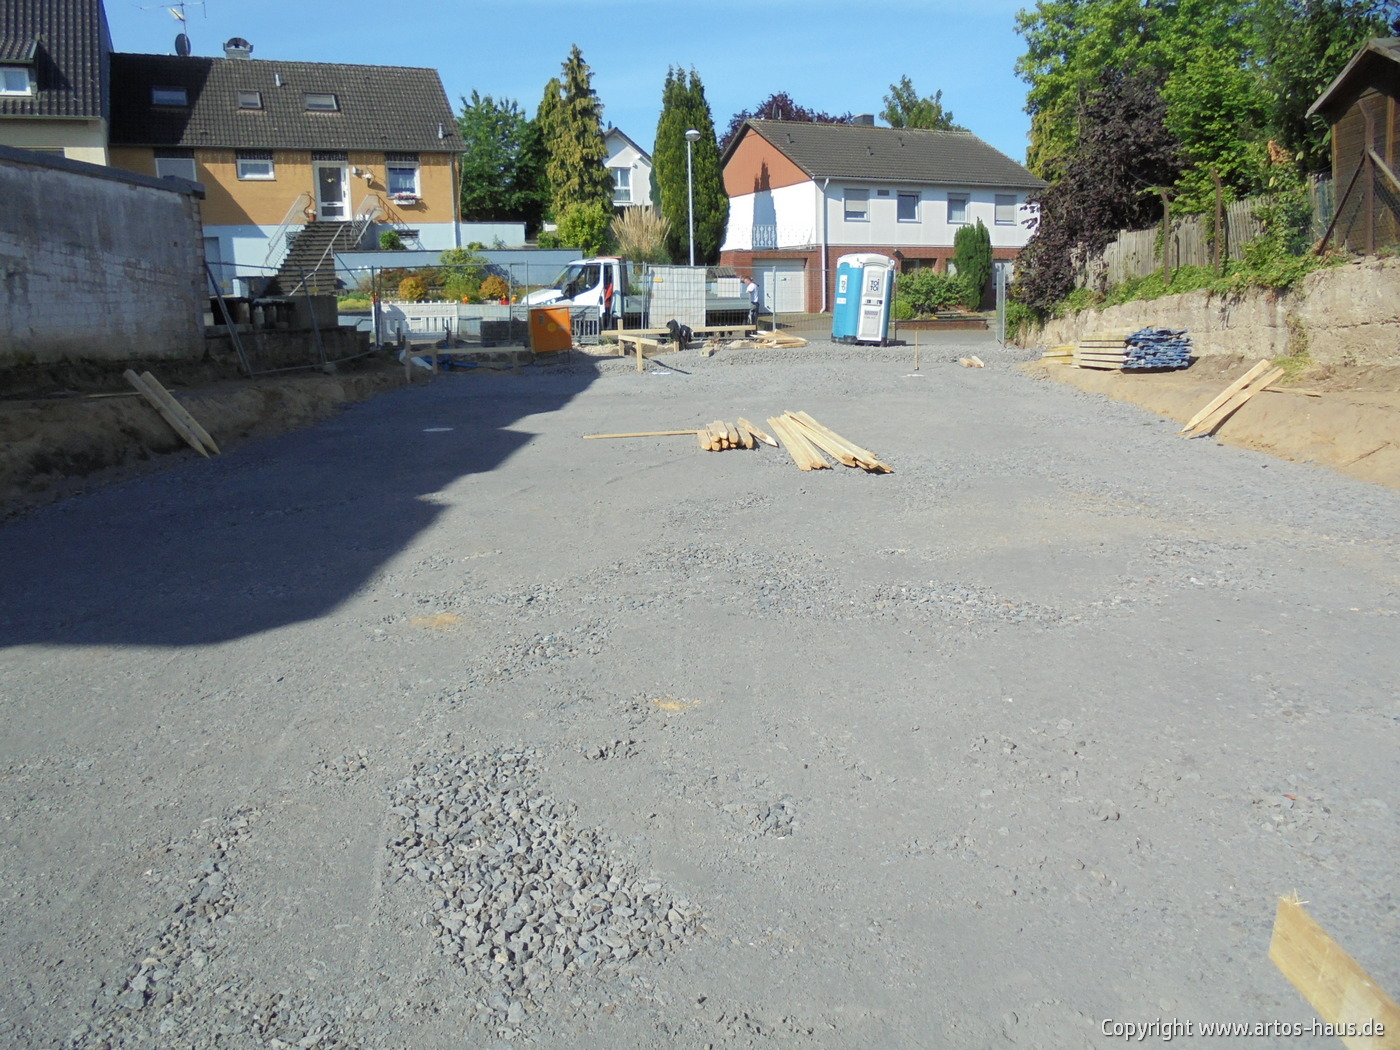 Gründungspolster für Mehrfamilienhaus - www.artos-haus.de Bild 5